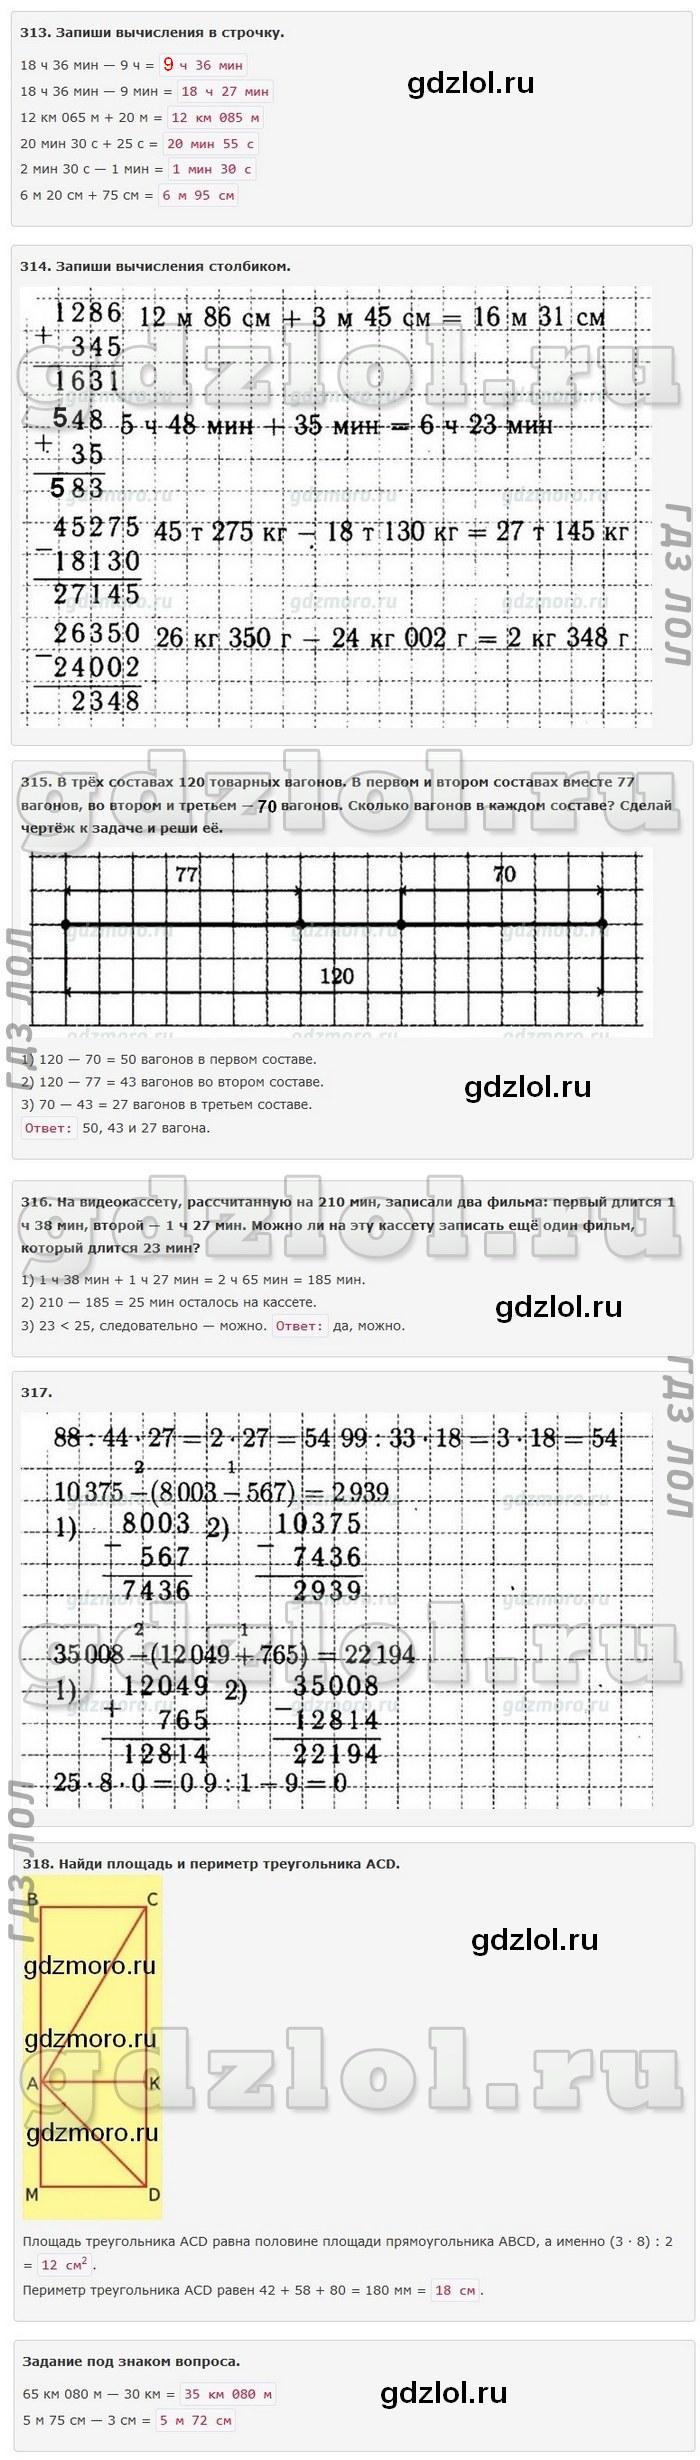 Гдз лол математика 4 класс моро